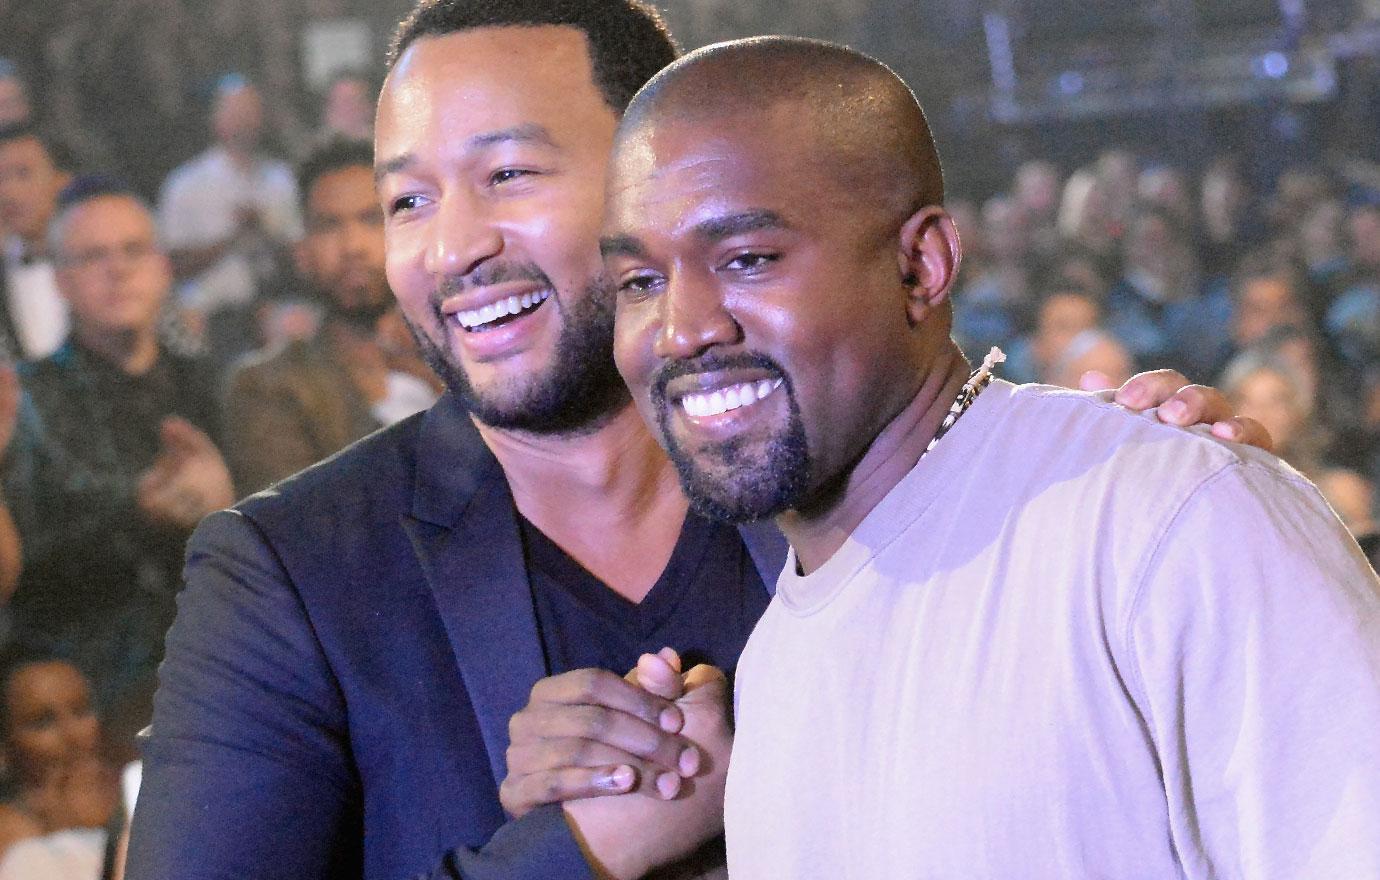 Kanye West John Legend End Feud At Chrissy Teigen Baby Shower